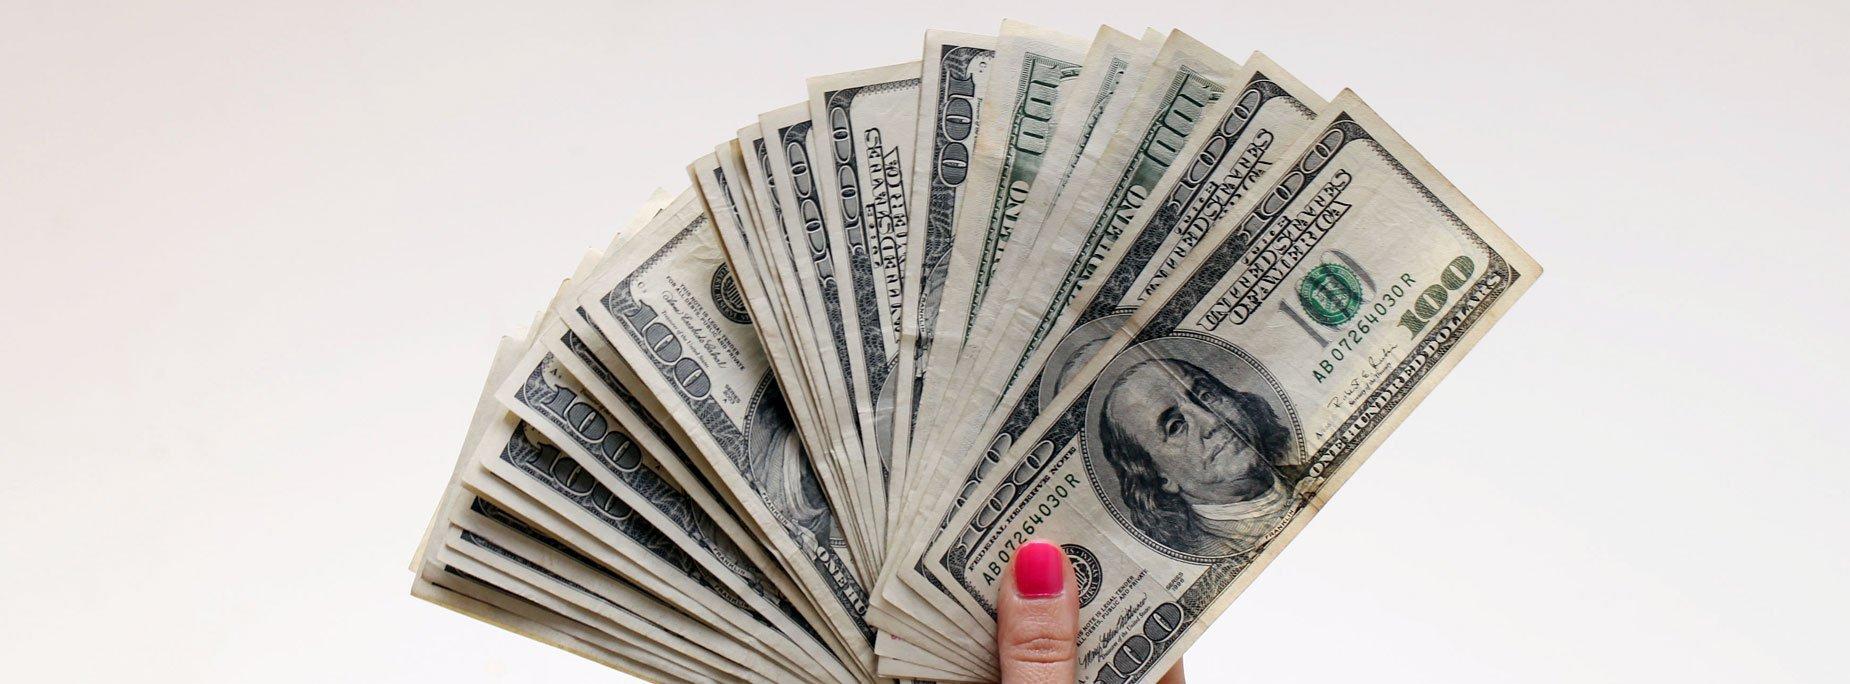 Cash advance pasadena md photo 6